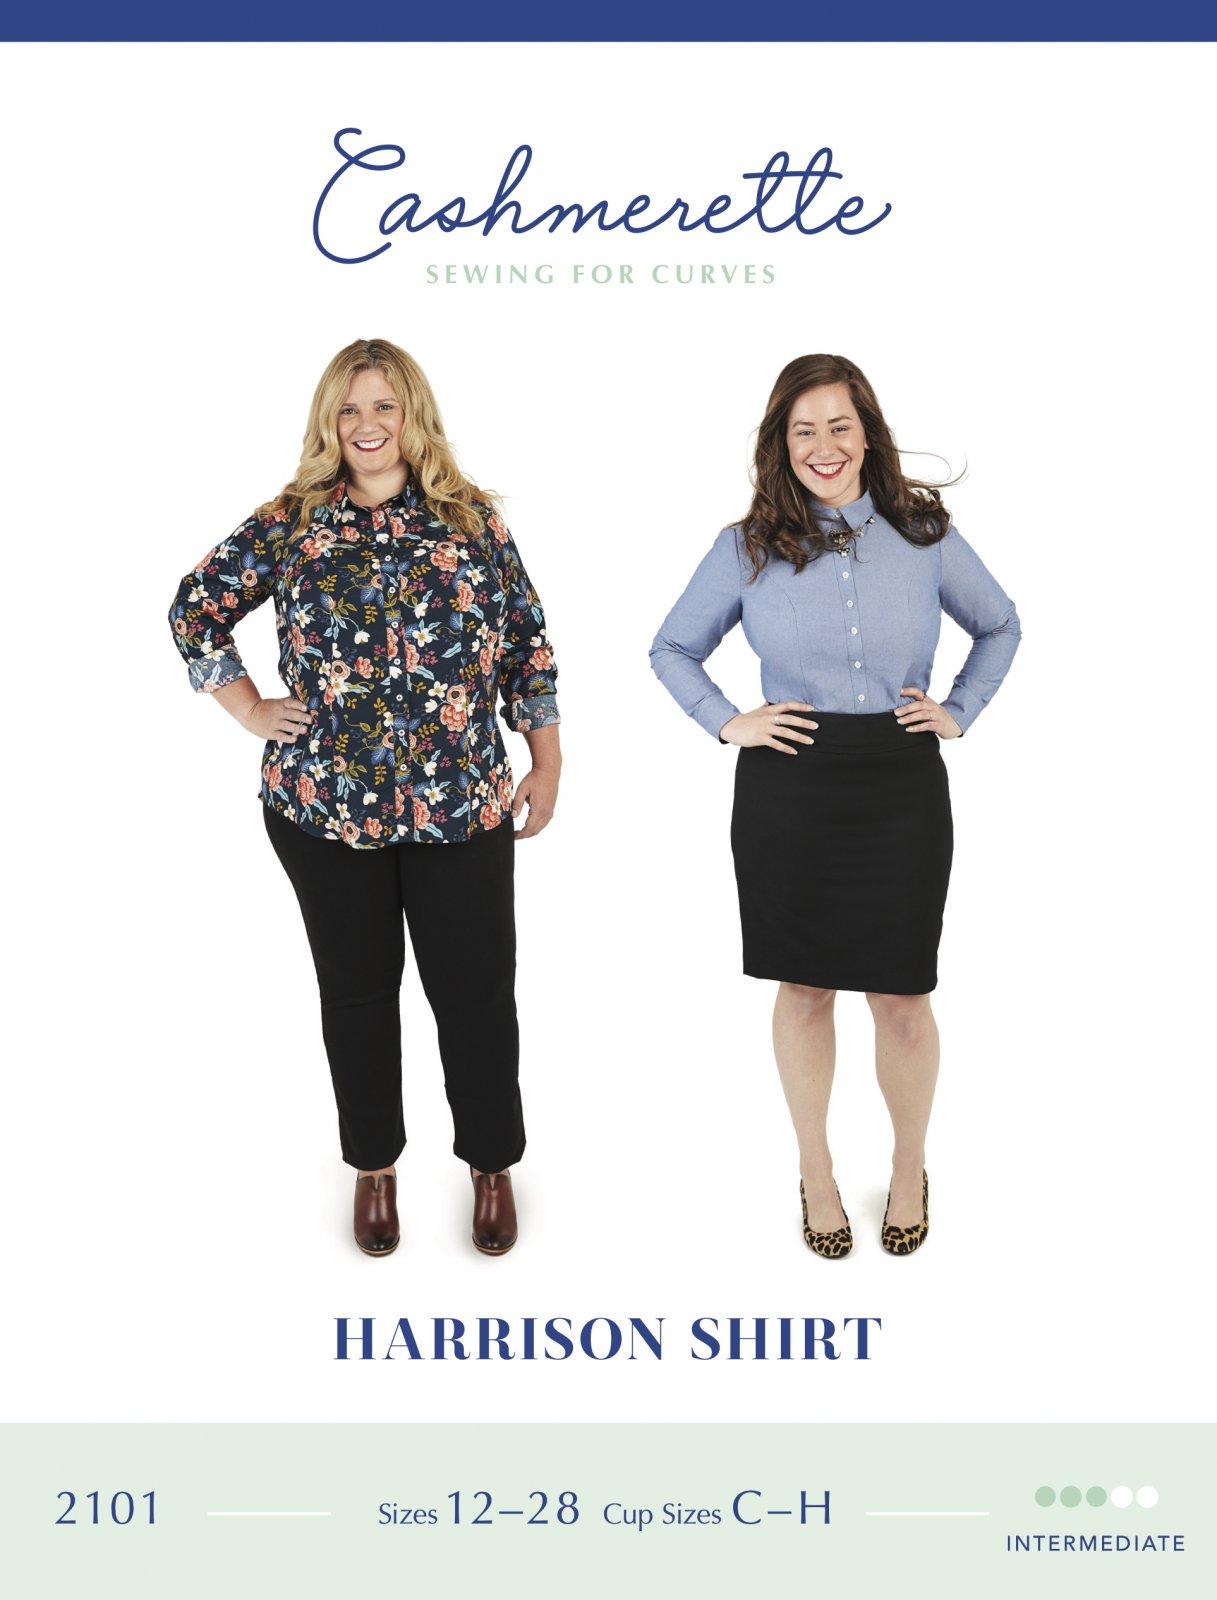 Harrison Shirt - Cashmerette